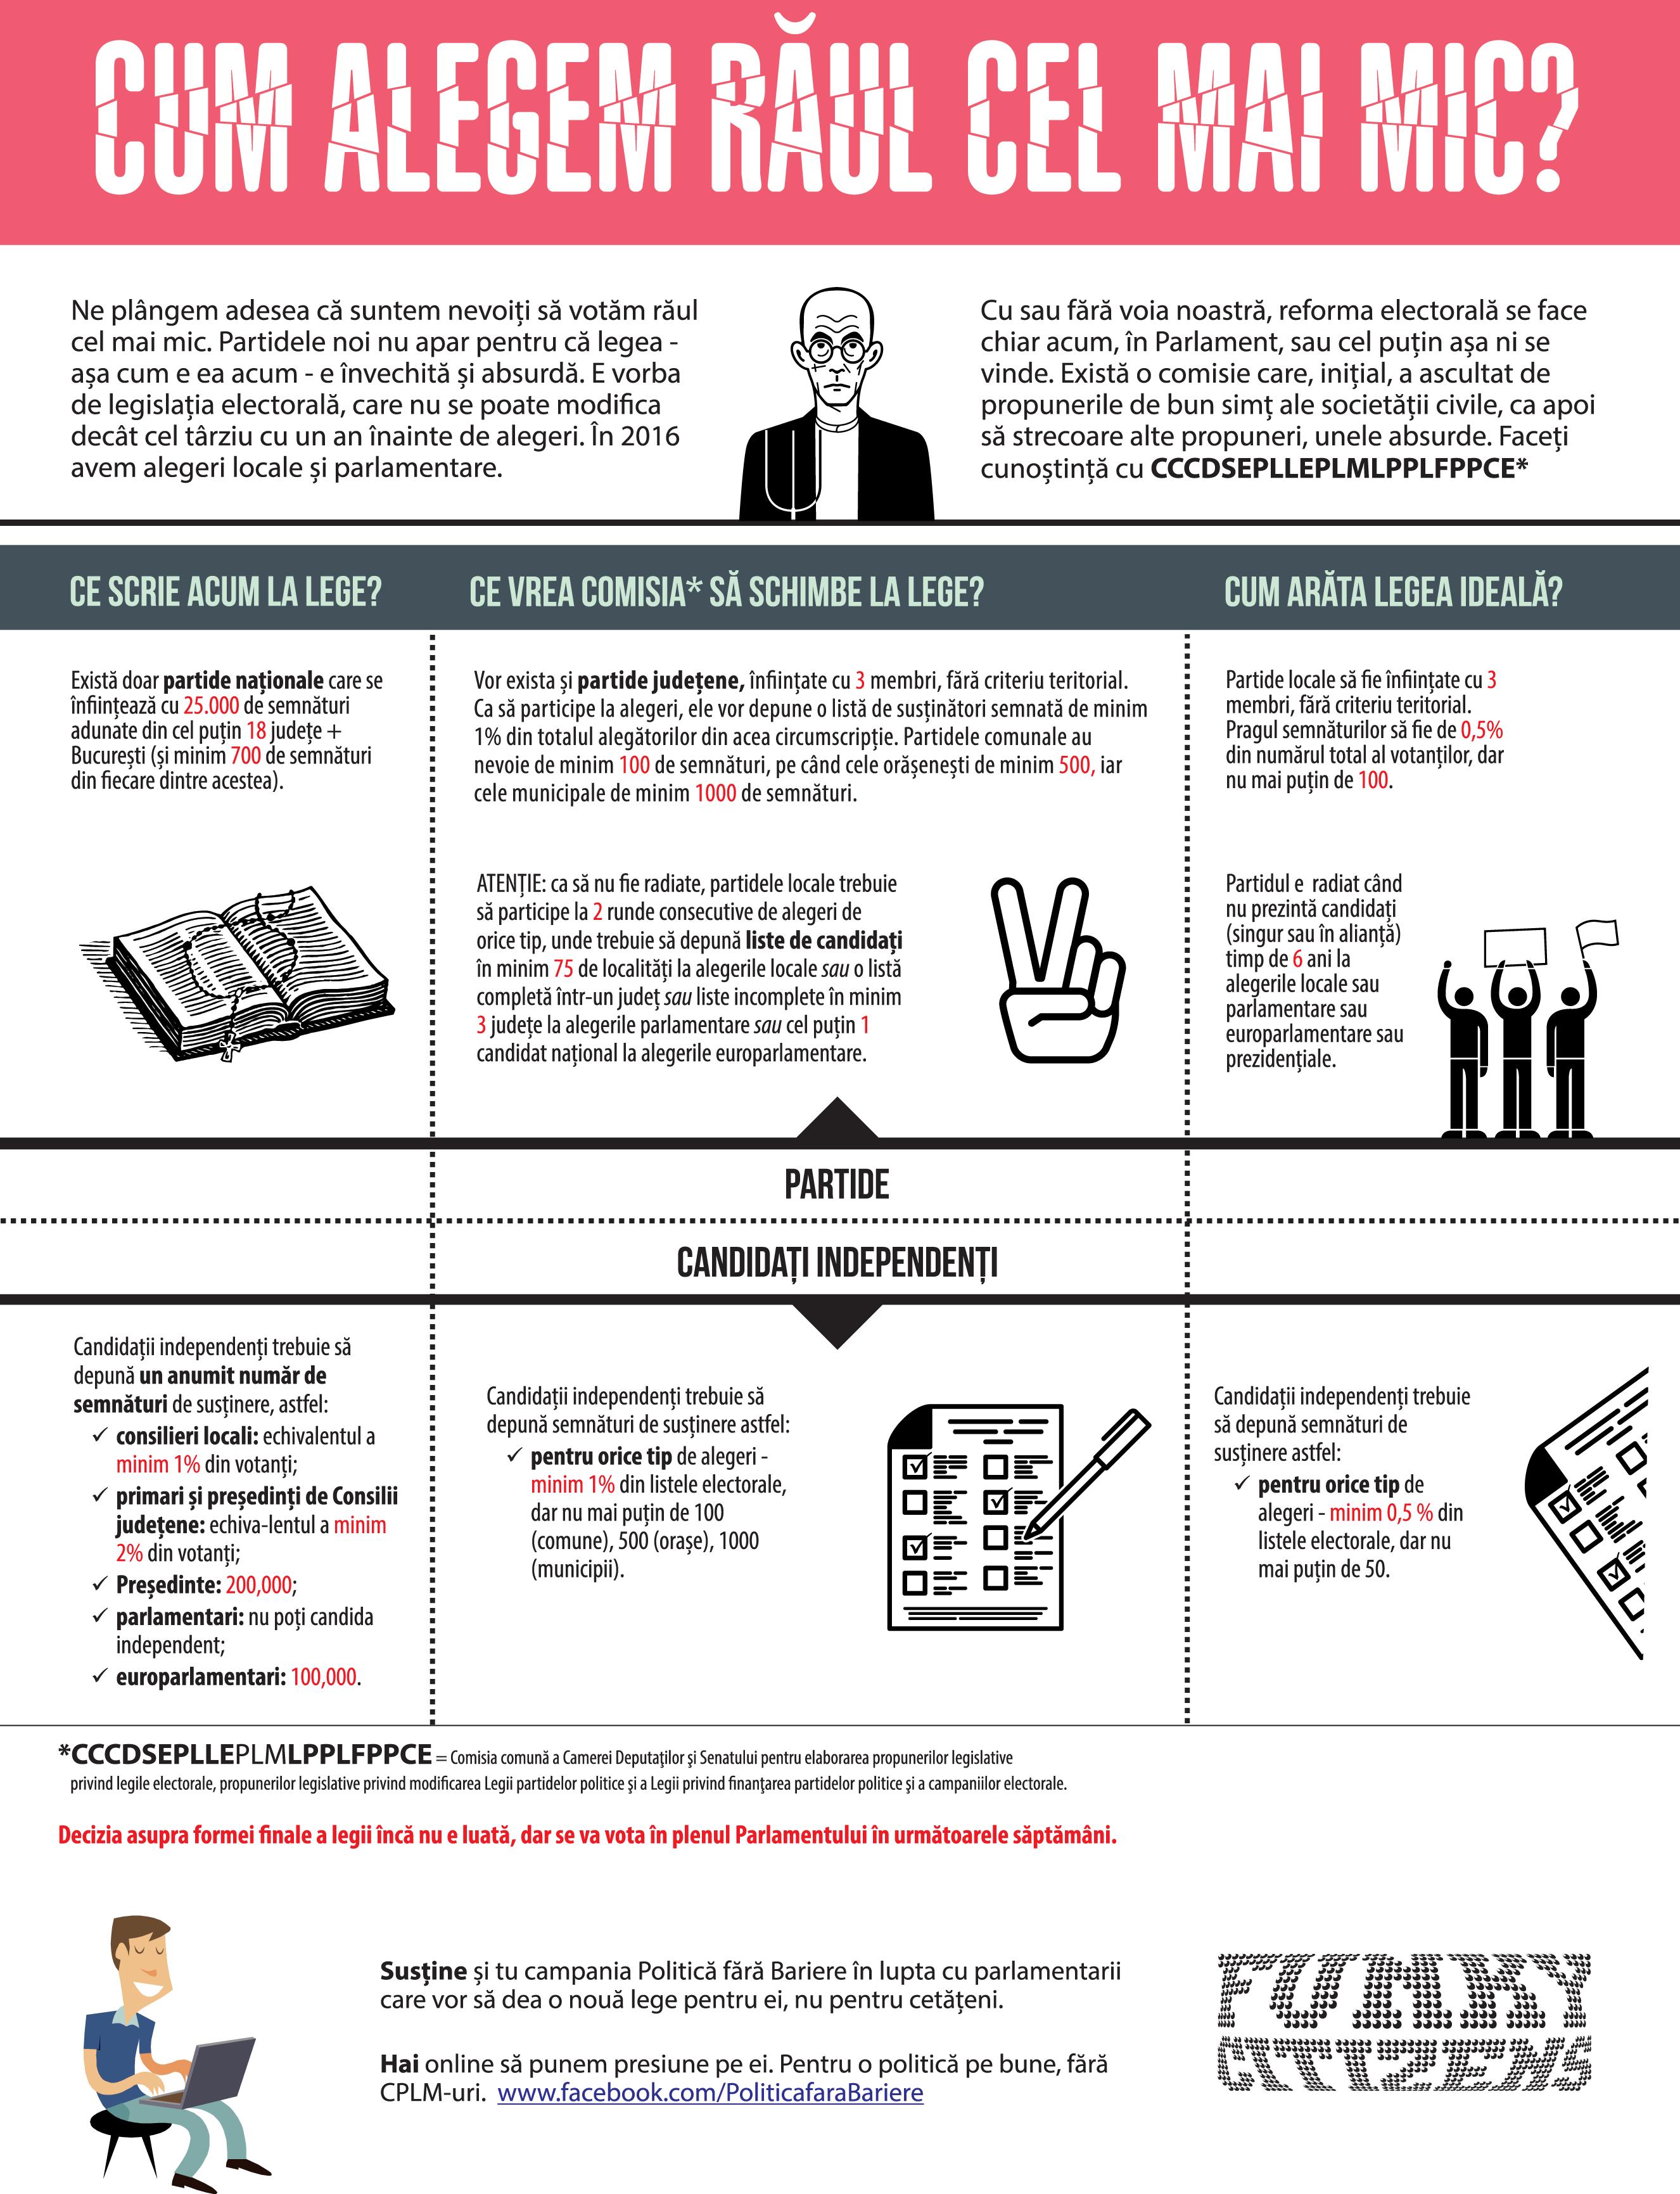 Reforma electorală 2015